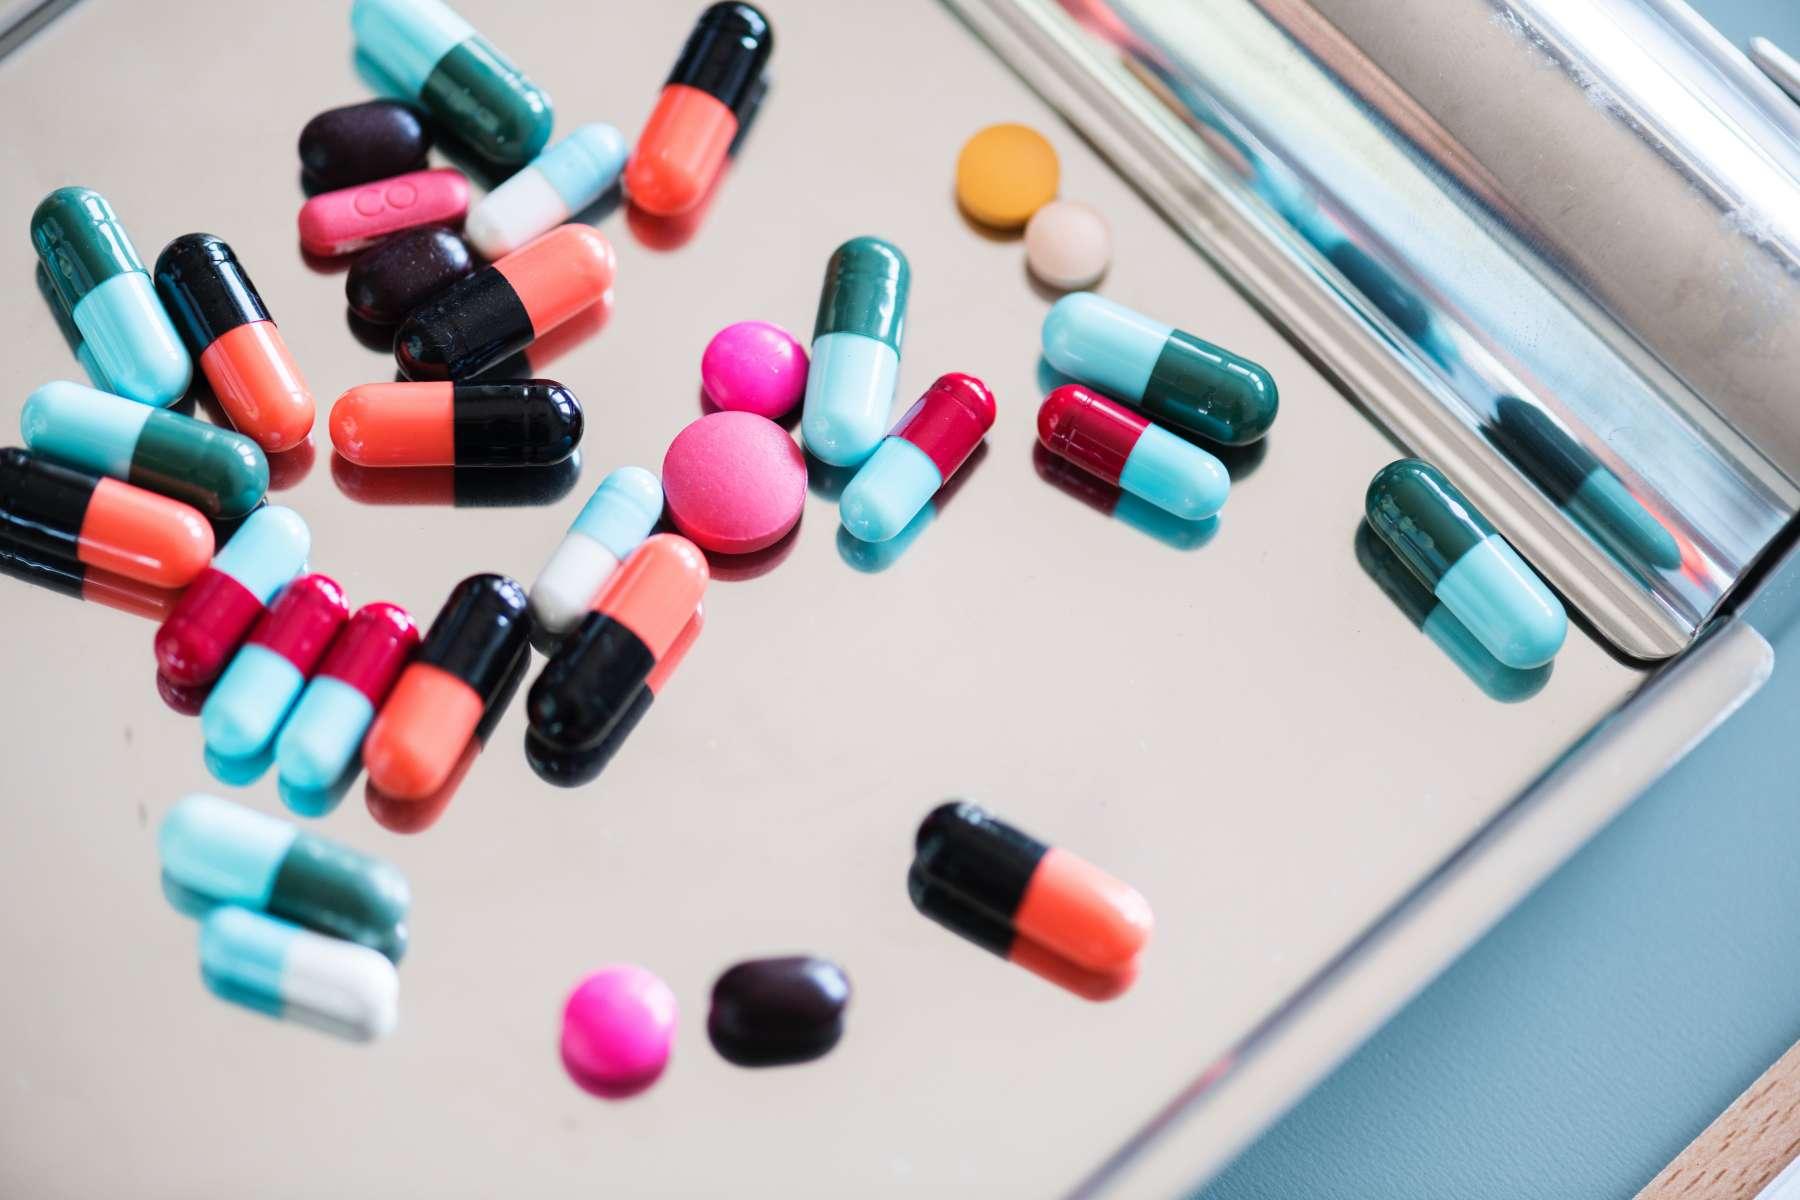 Hépatite C: médicaments bientôt remboursés pour tous les patients